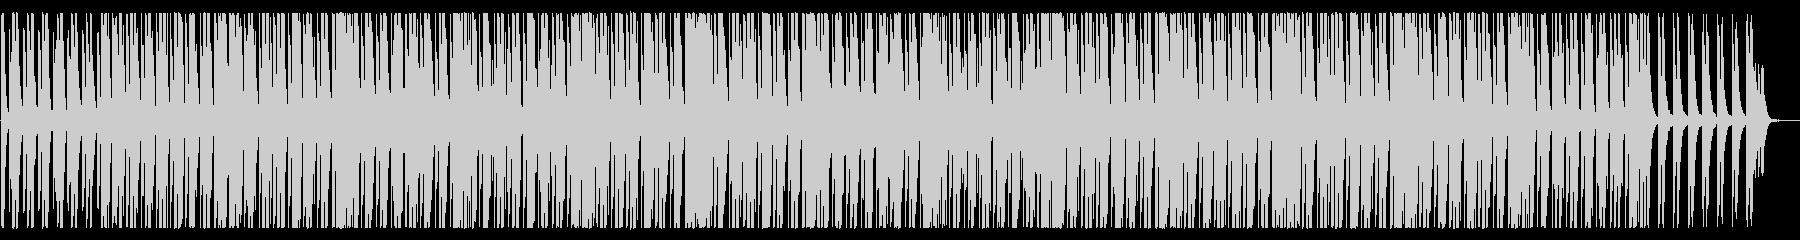 タンゴ(モダンなエレクトロ風)の未再生の波形